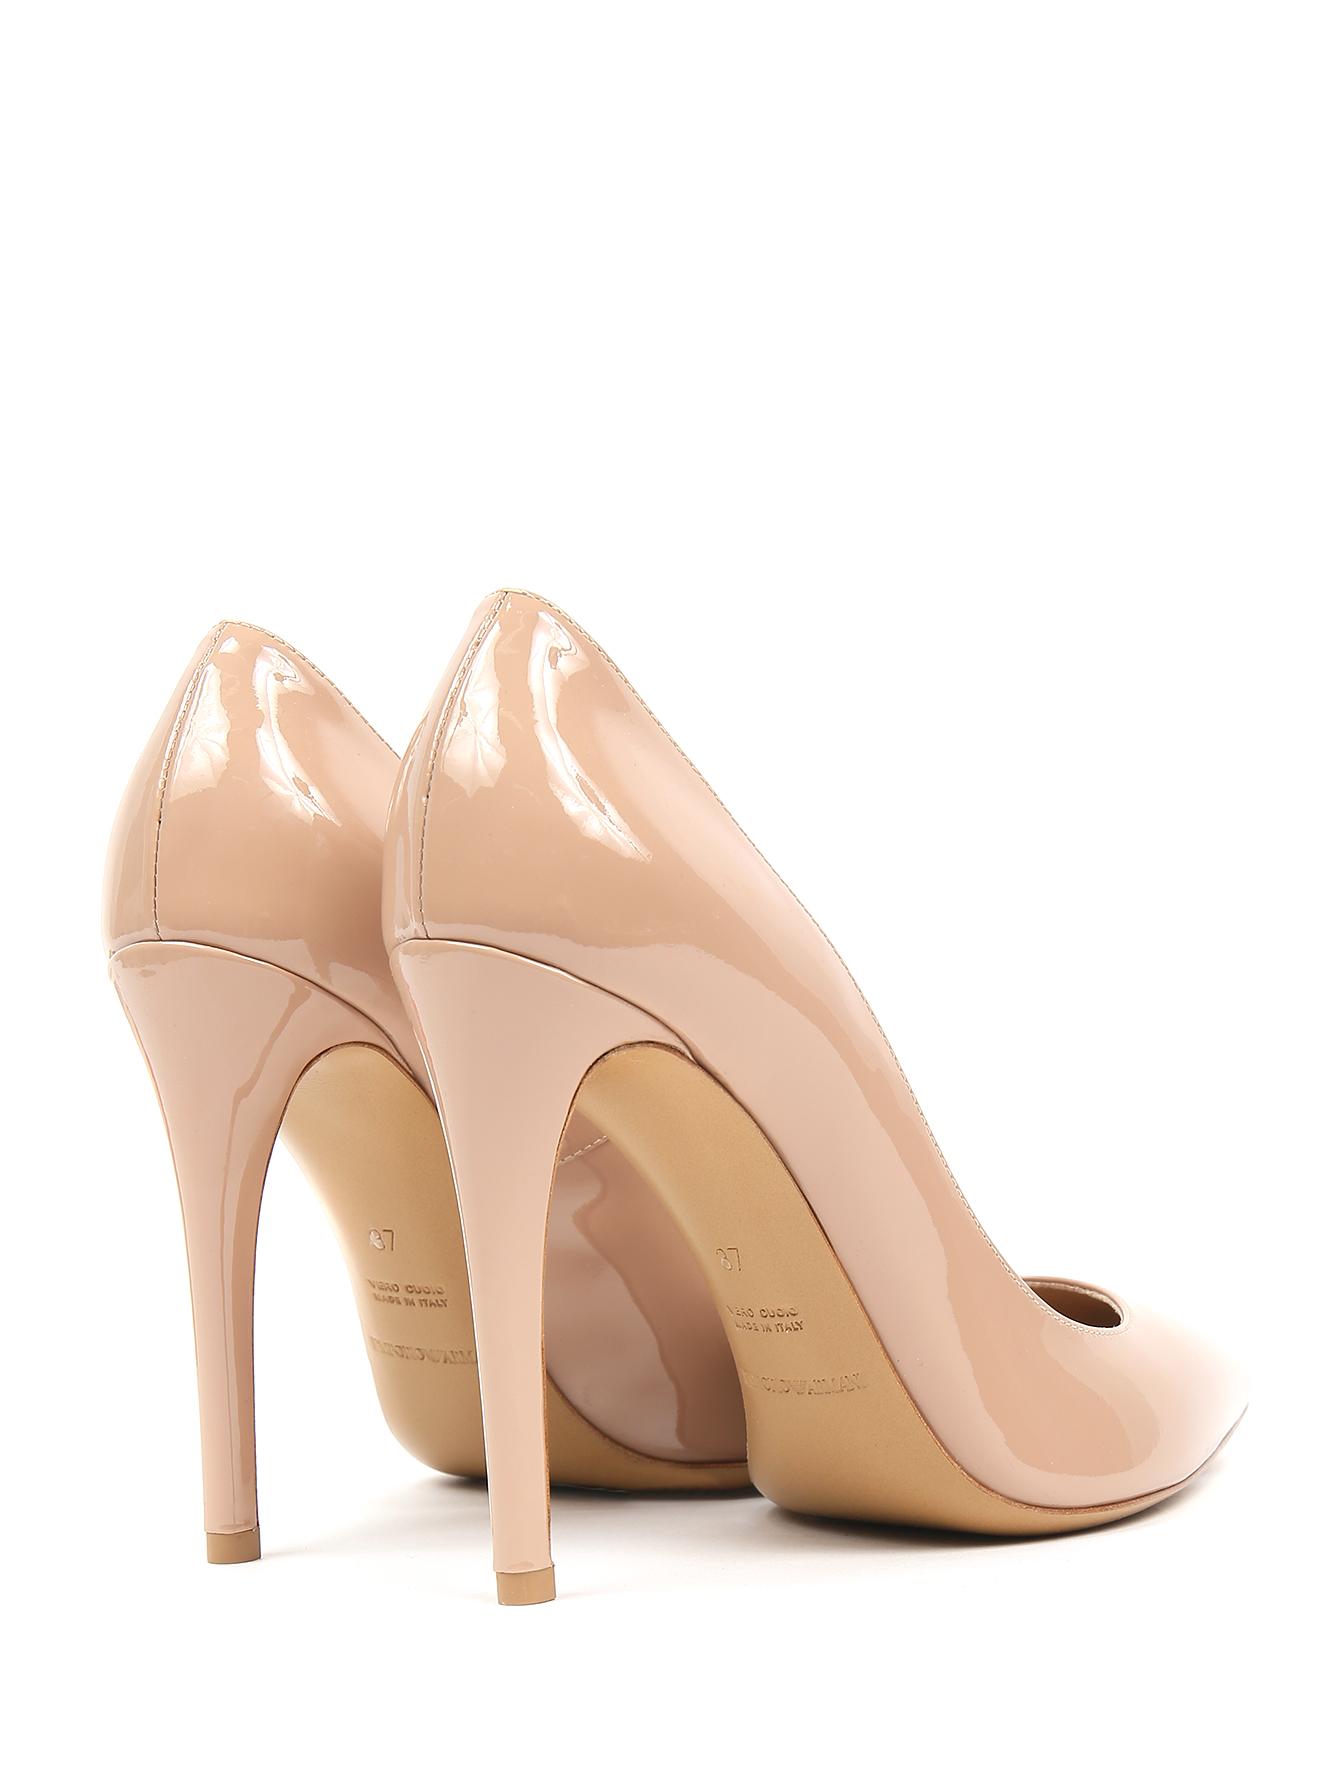 72339dc26655 Emporio Armani бежевые туфли-лодочки из лаковой кожи (367901) купить ...